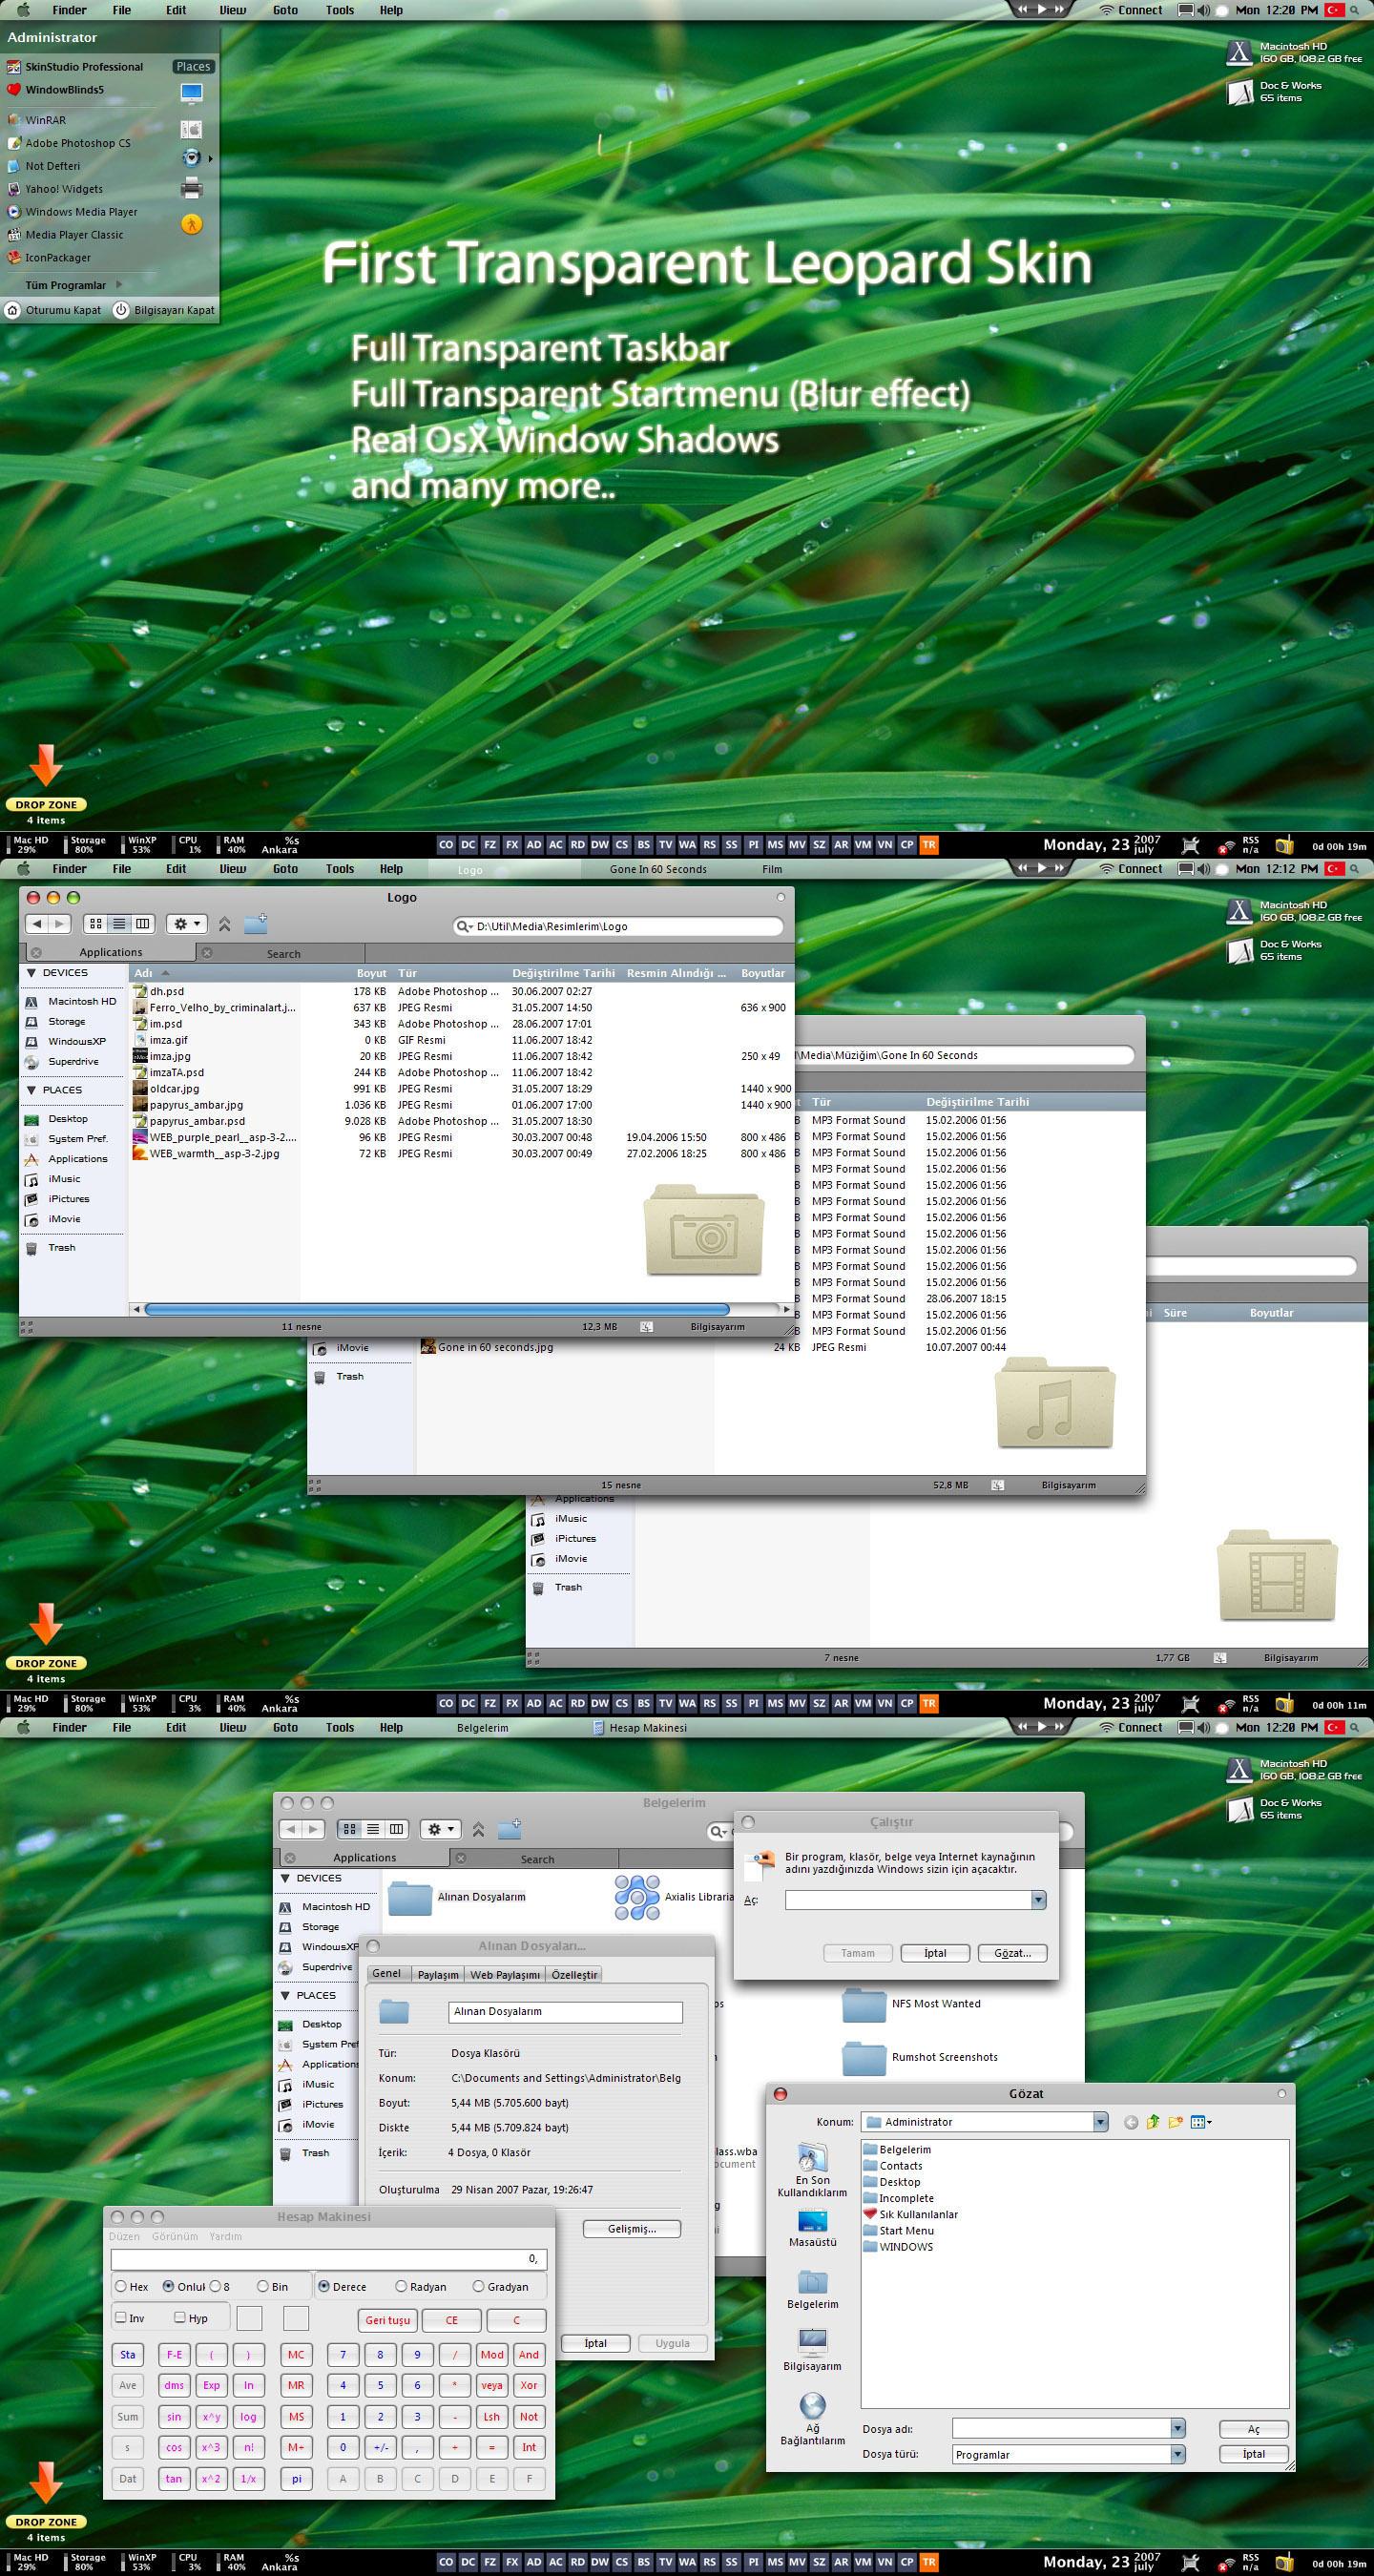 Leopard Glass Final Release by neodesktop